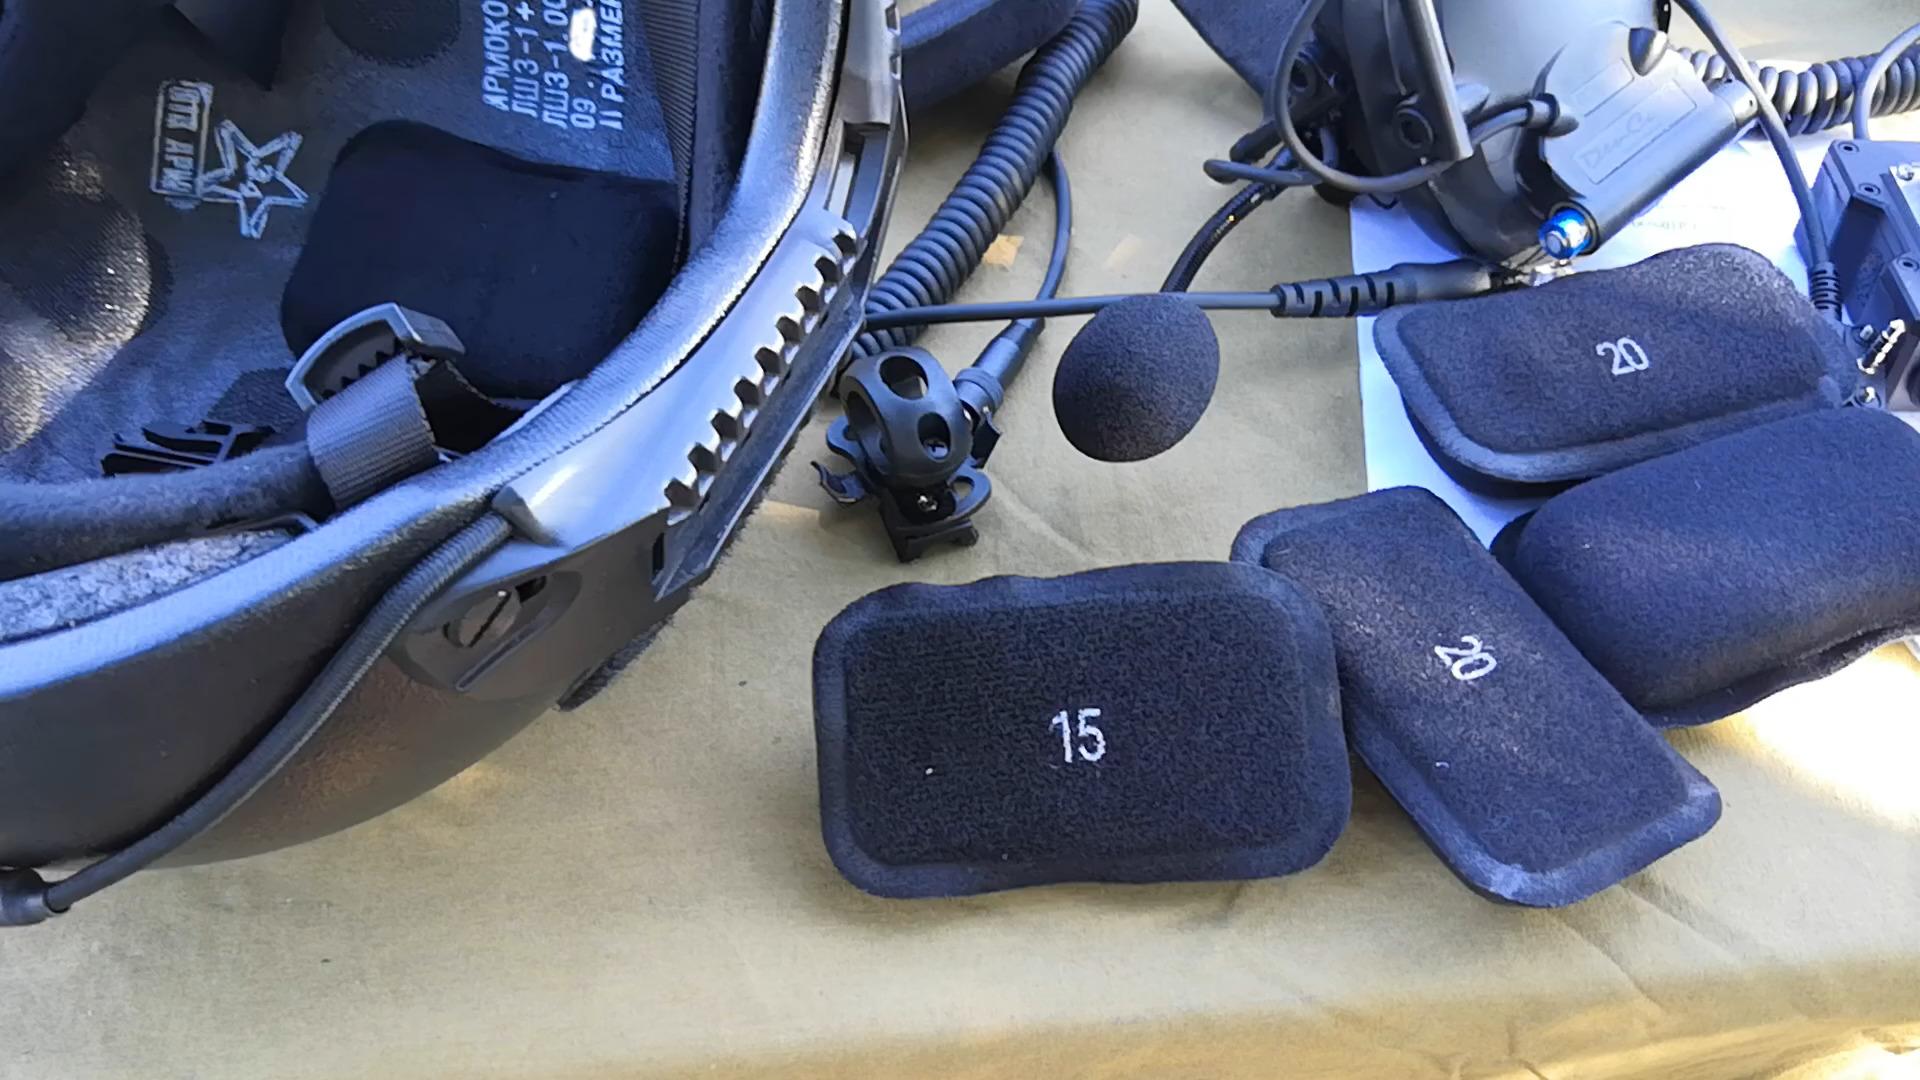 ЛШЗ-1+ Демпферные подушки. Руководство по эксплуатации.  Инструктор Норд